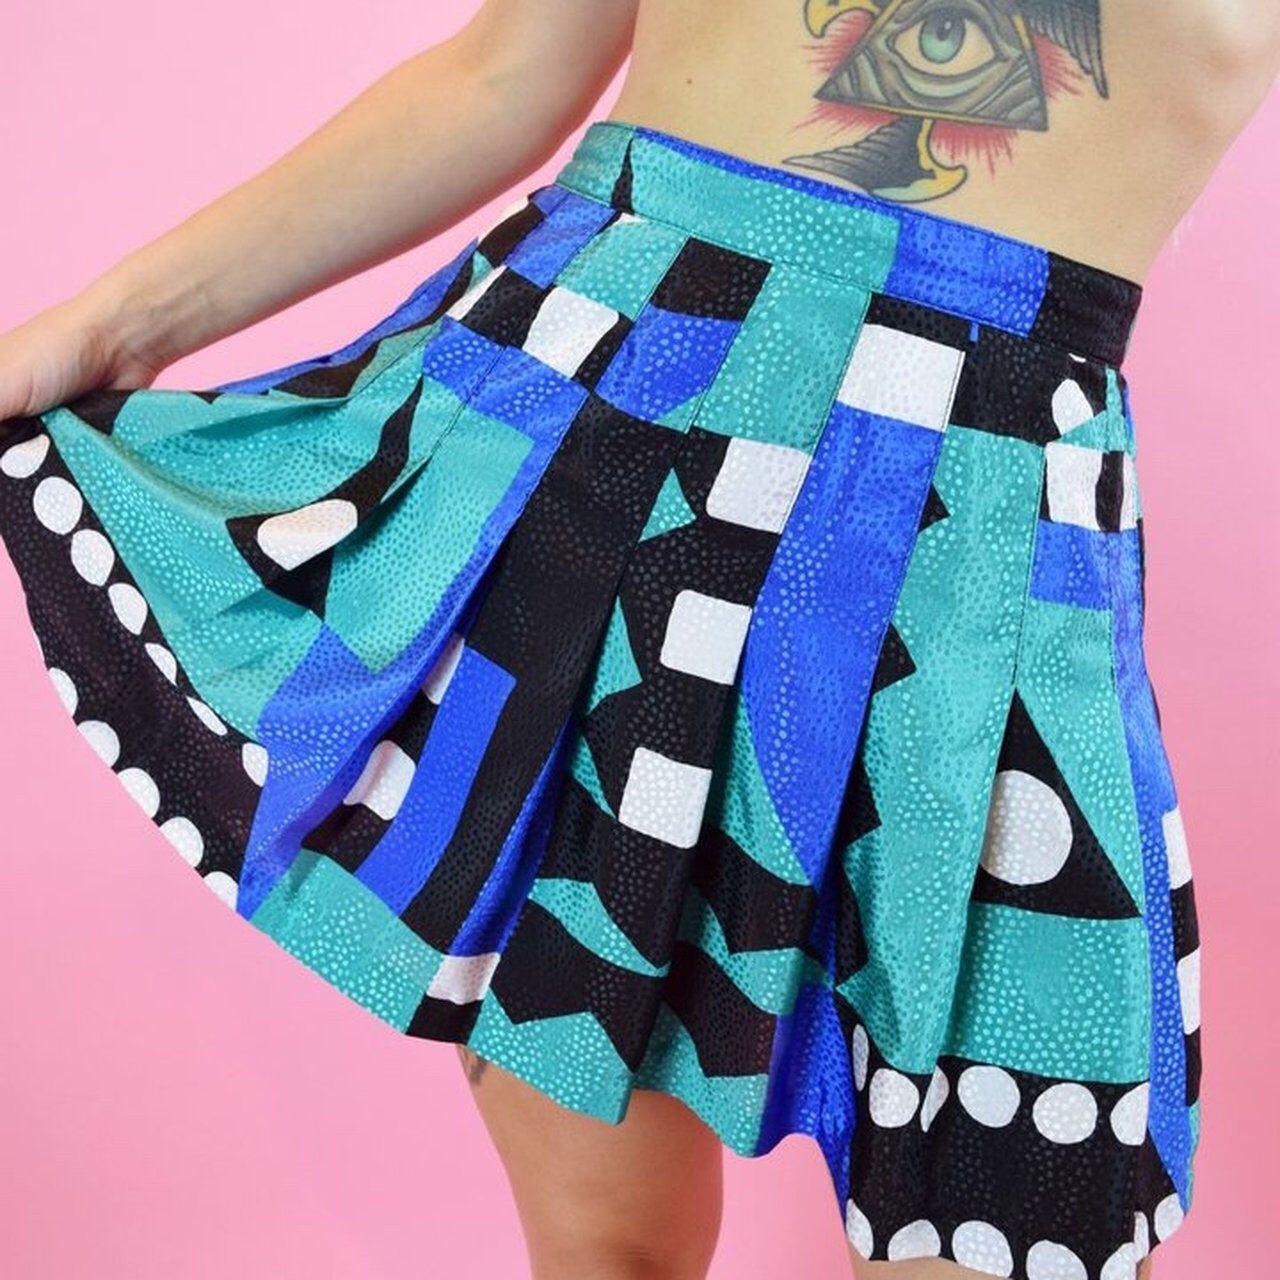 b9e055be0 Listed on Depop by owlephant | depop | Depop, Pleated mini skirt ...